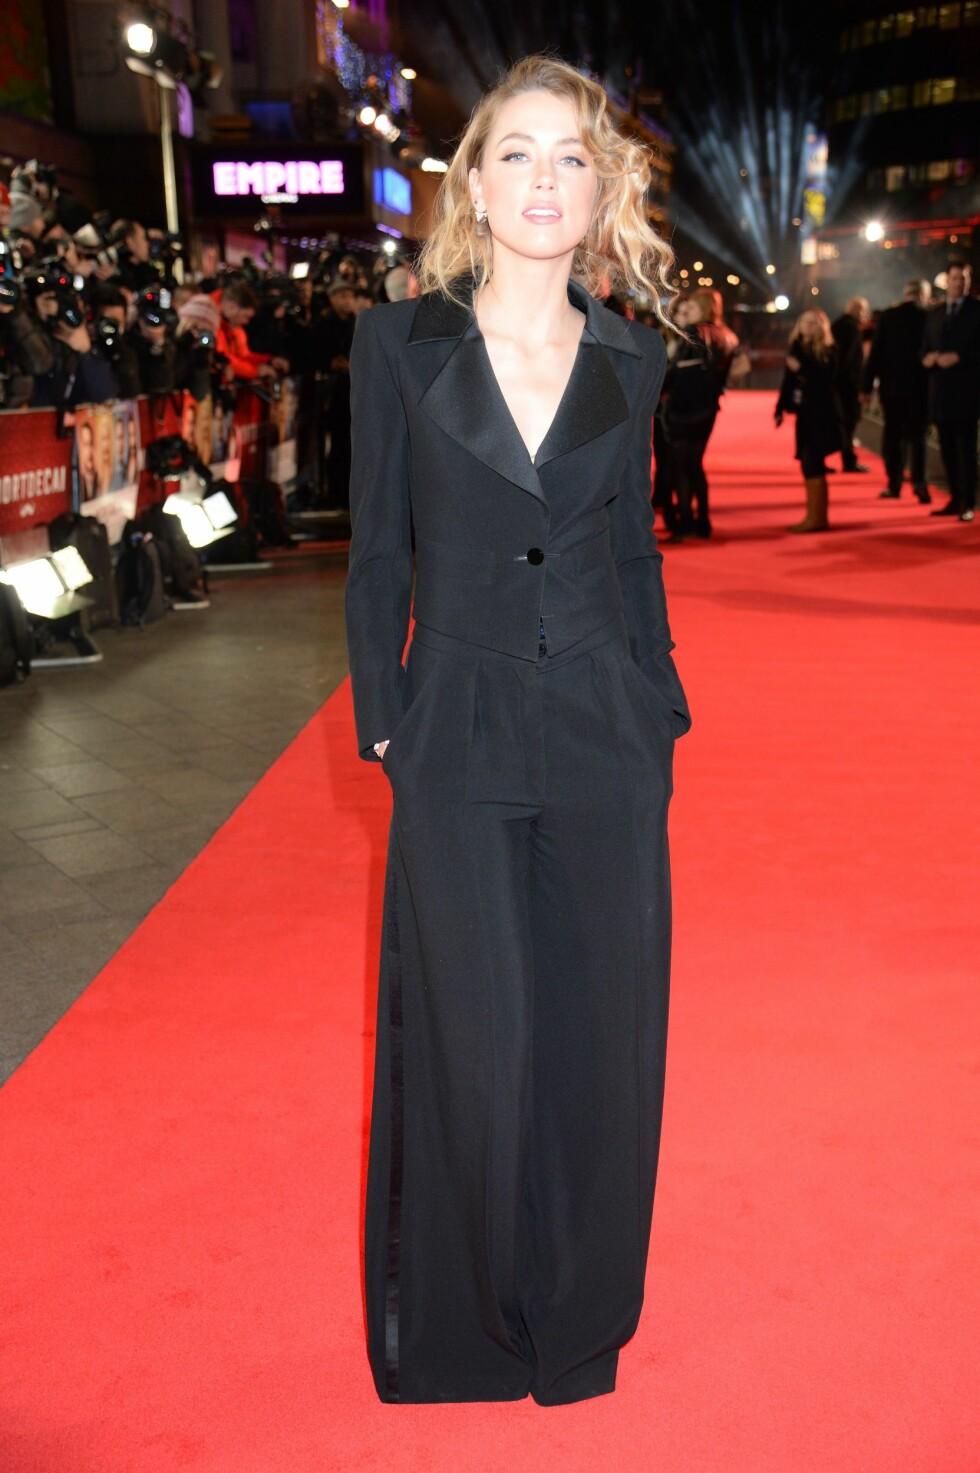 """AVSLAPPET OG KUL: Amber Heard i dress på premiere til filmen """"Mortdecai"""". Foto: REX/Richard Young /All Over Press"""